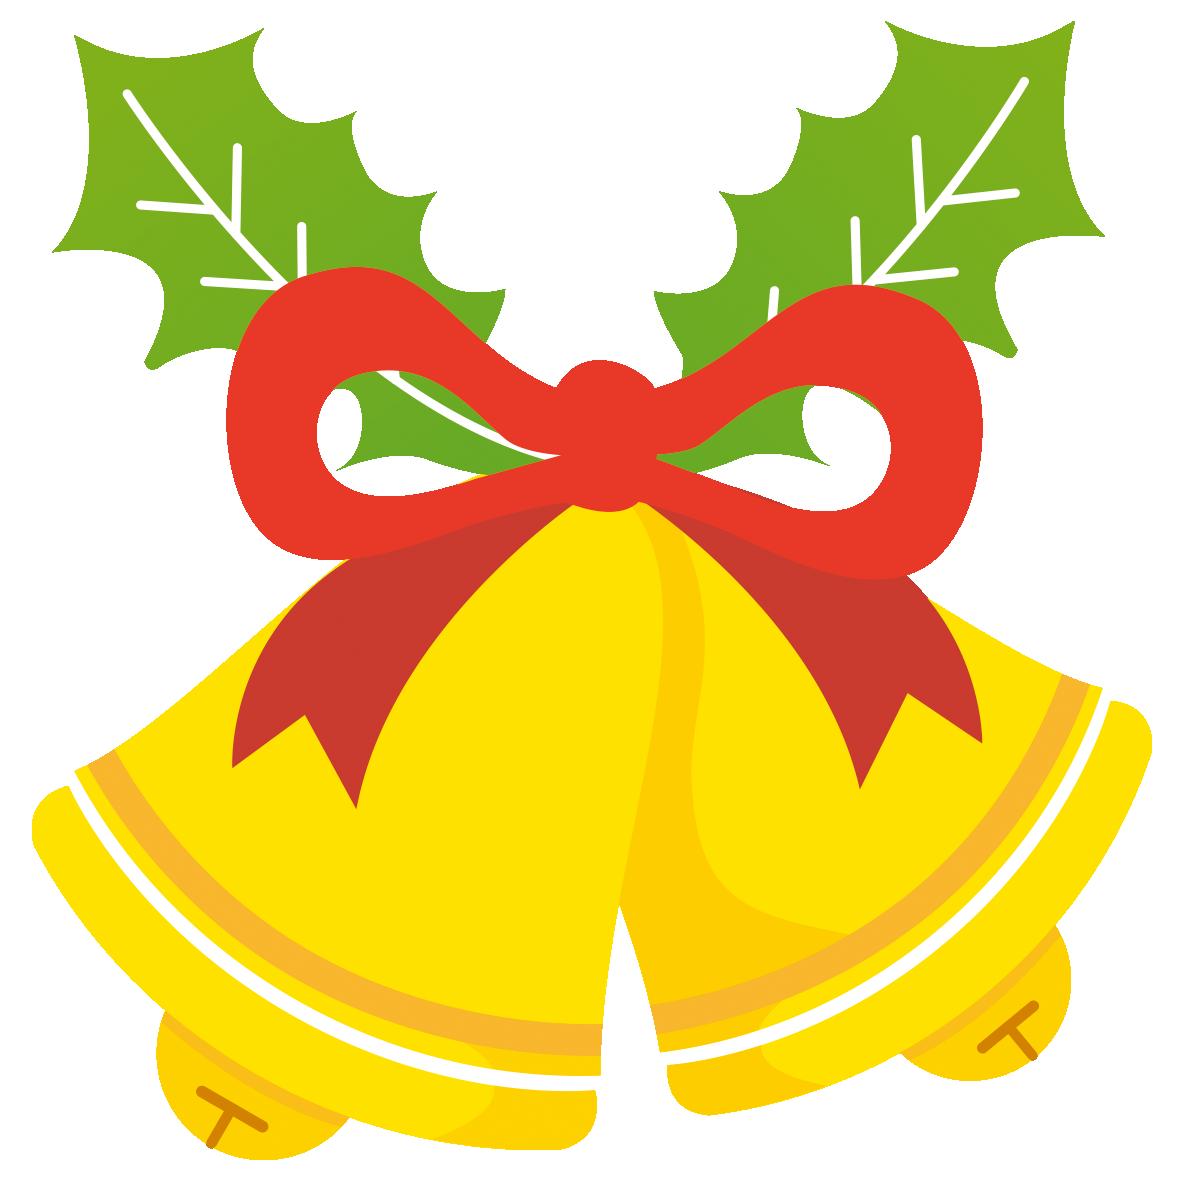 リボンで飾られたクリスマスベル」 - 無料イラスト愛